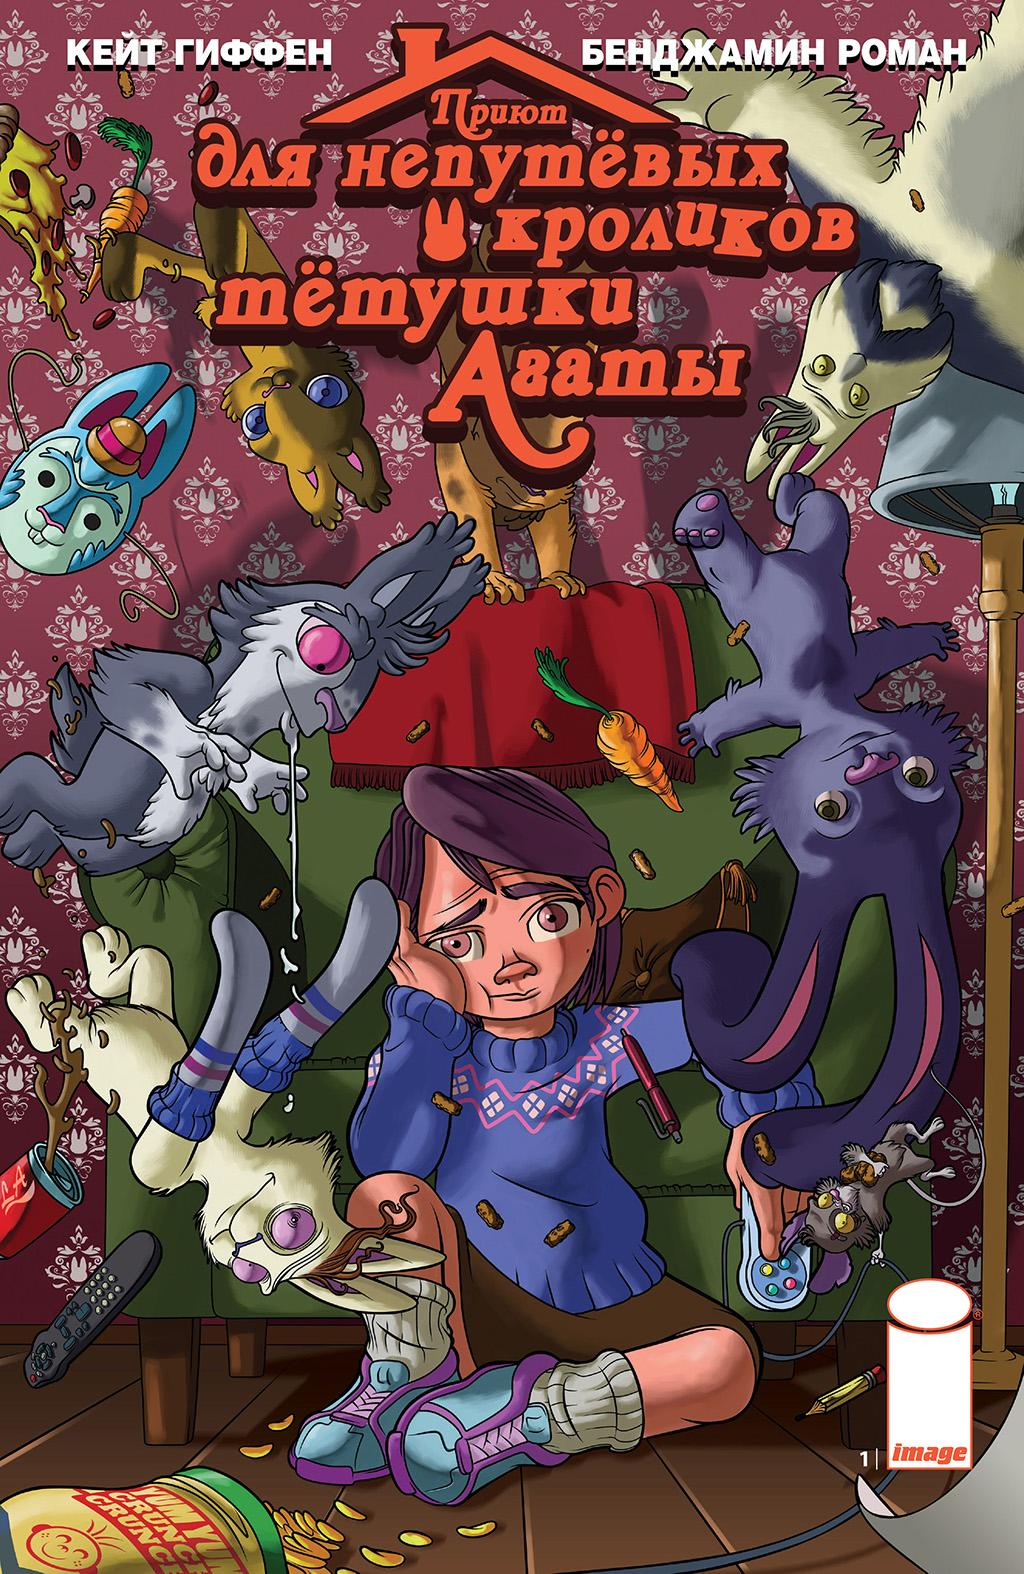 Комикс Приют для непутёвых кроликов тётушки Агаты